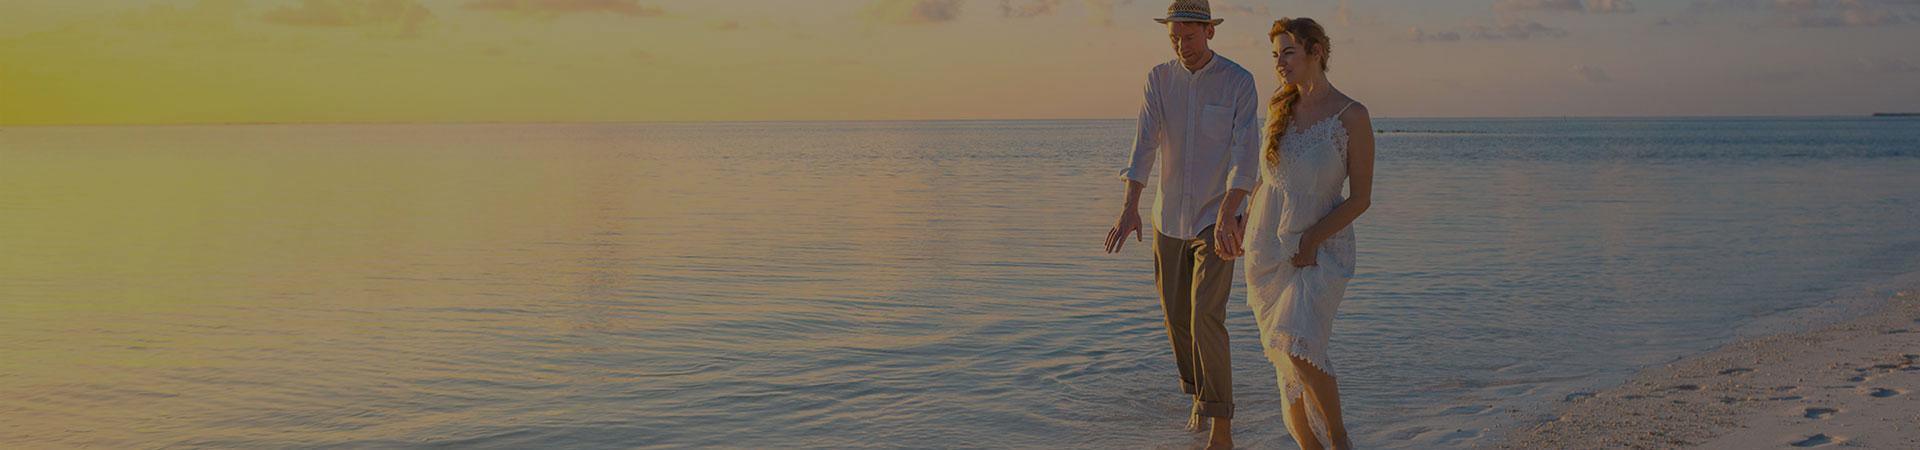 8-Days-safari-big-5-&-Zanzibar-holiday